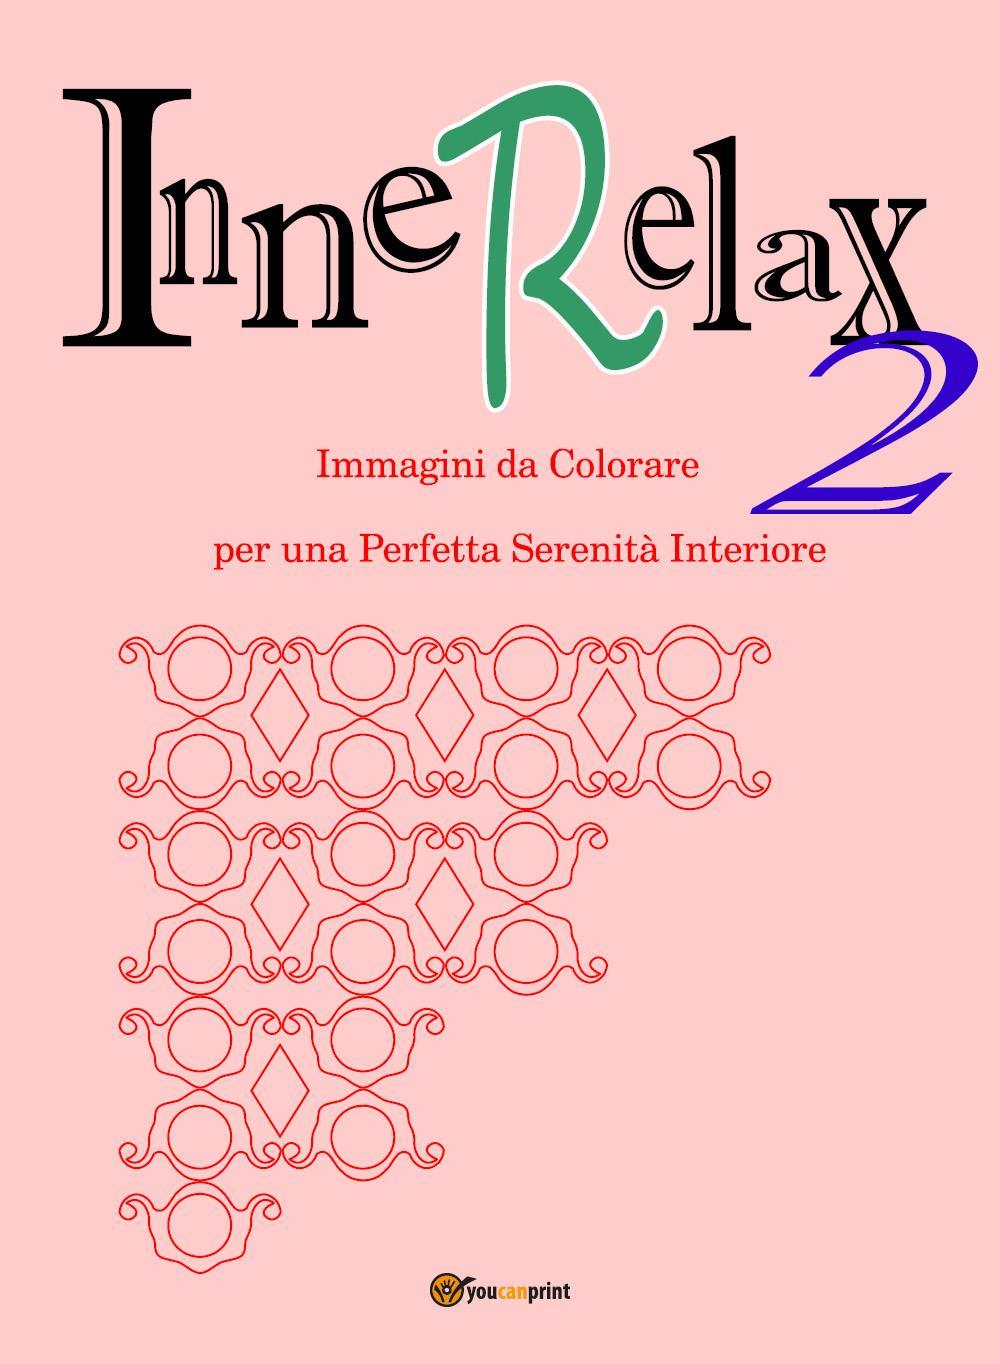 InneRelax 2 - Immagini da Colorare per una Perfetta Serenità Interiore